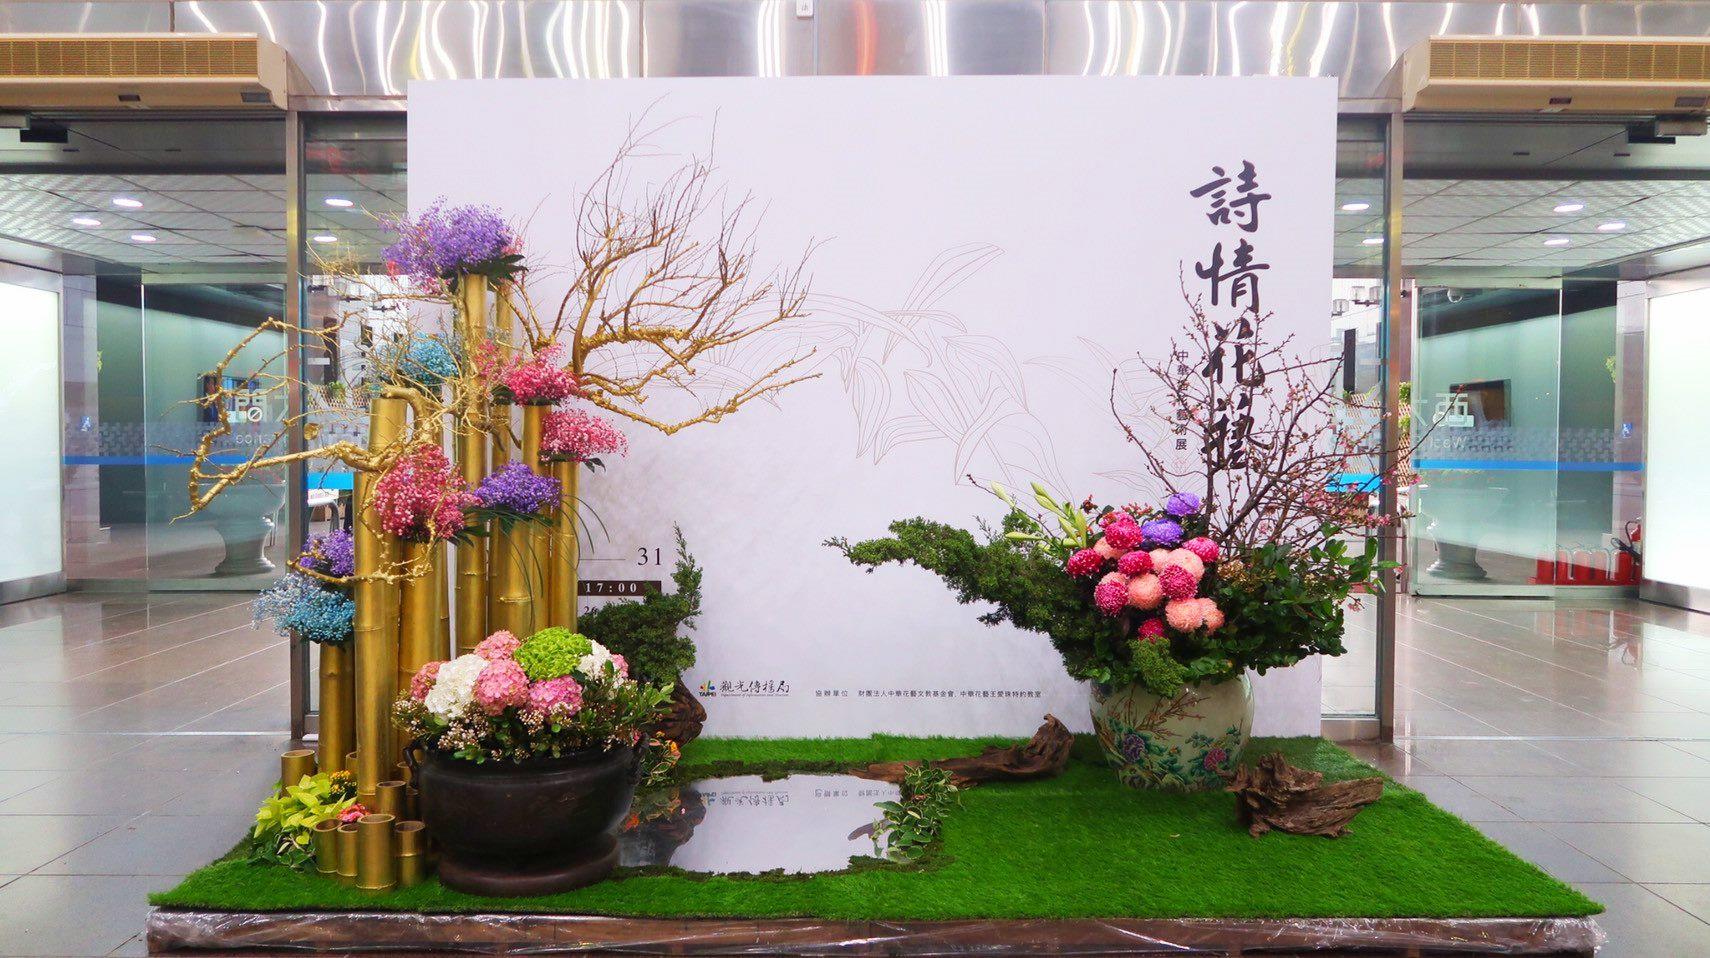 台北探索館「詩情花藝」中華插花藝術展市府中庭巨型花藝作品